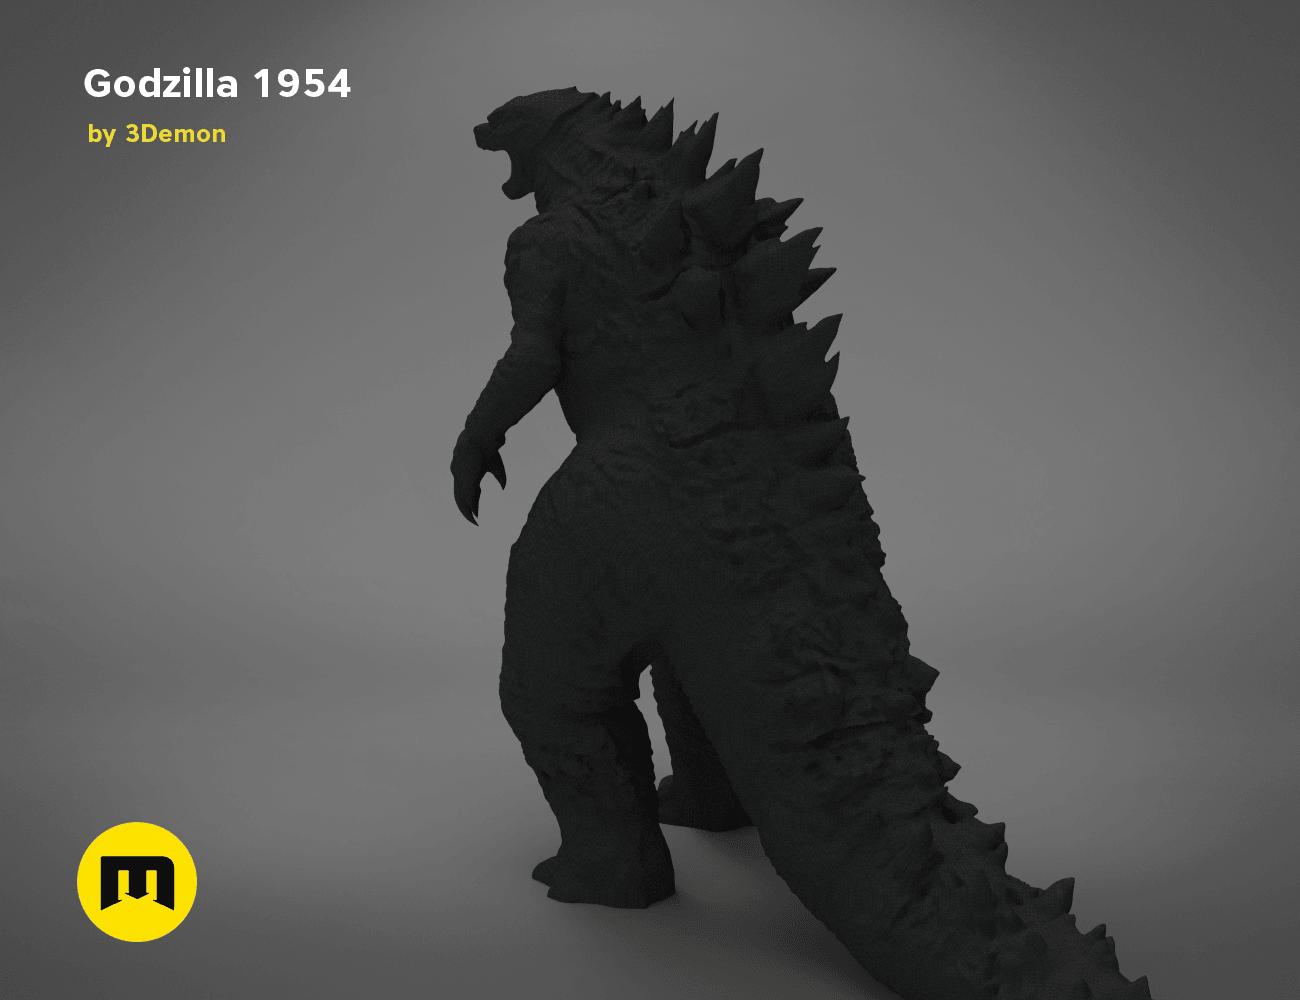 godzilla-black-japanese-bottom.201.png Télécharger fichier OBJ gratuit Godzilla 1954 figurine et ouvre-bouteille • Objet imprimable en 3D, 3D-mon